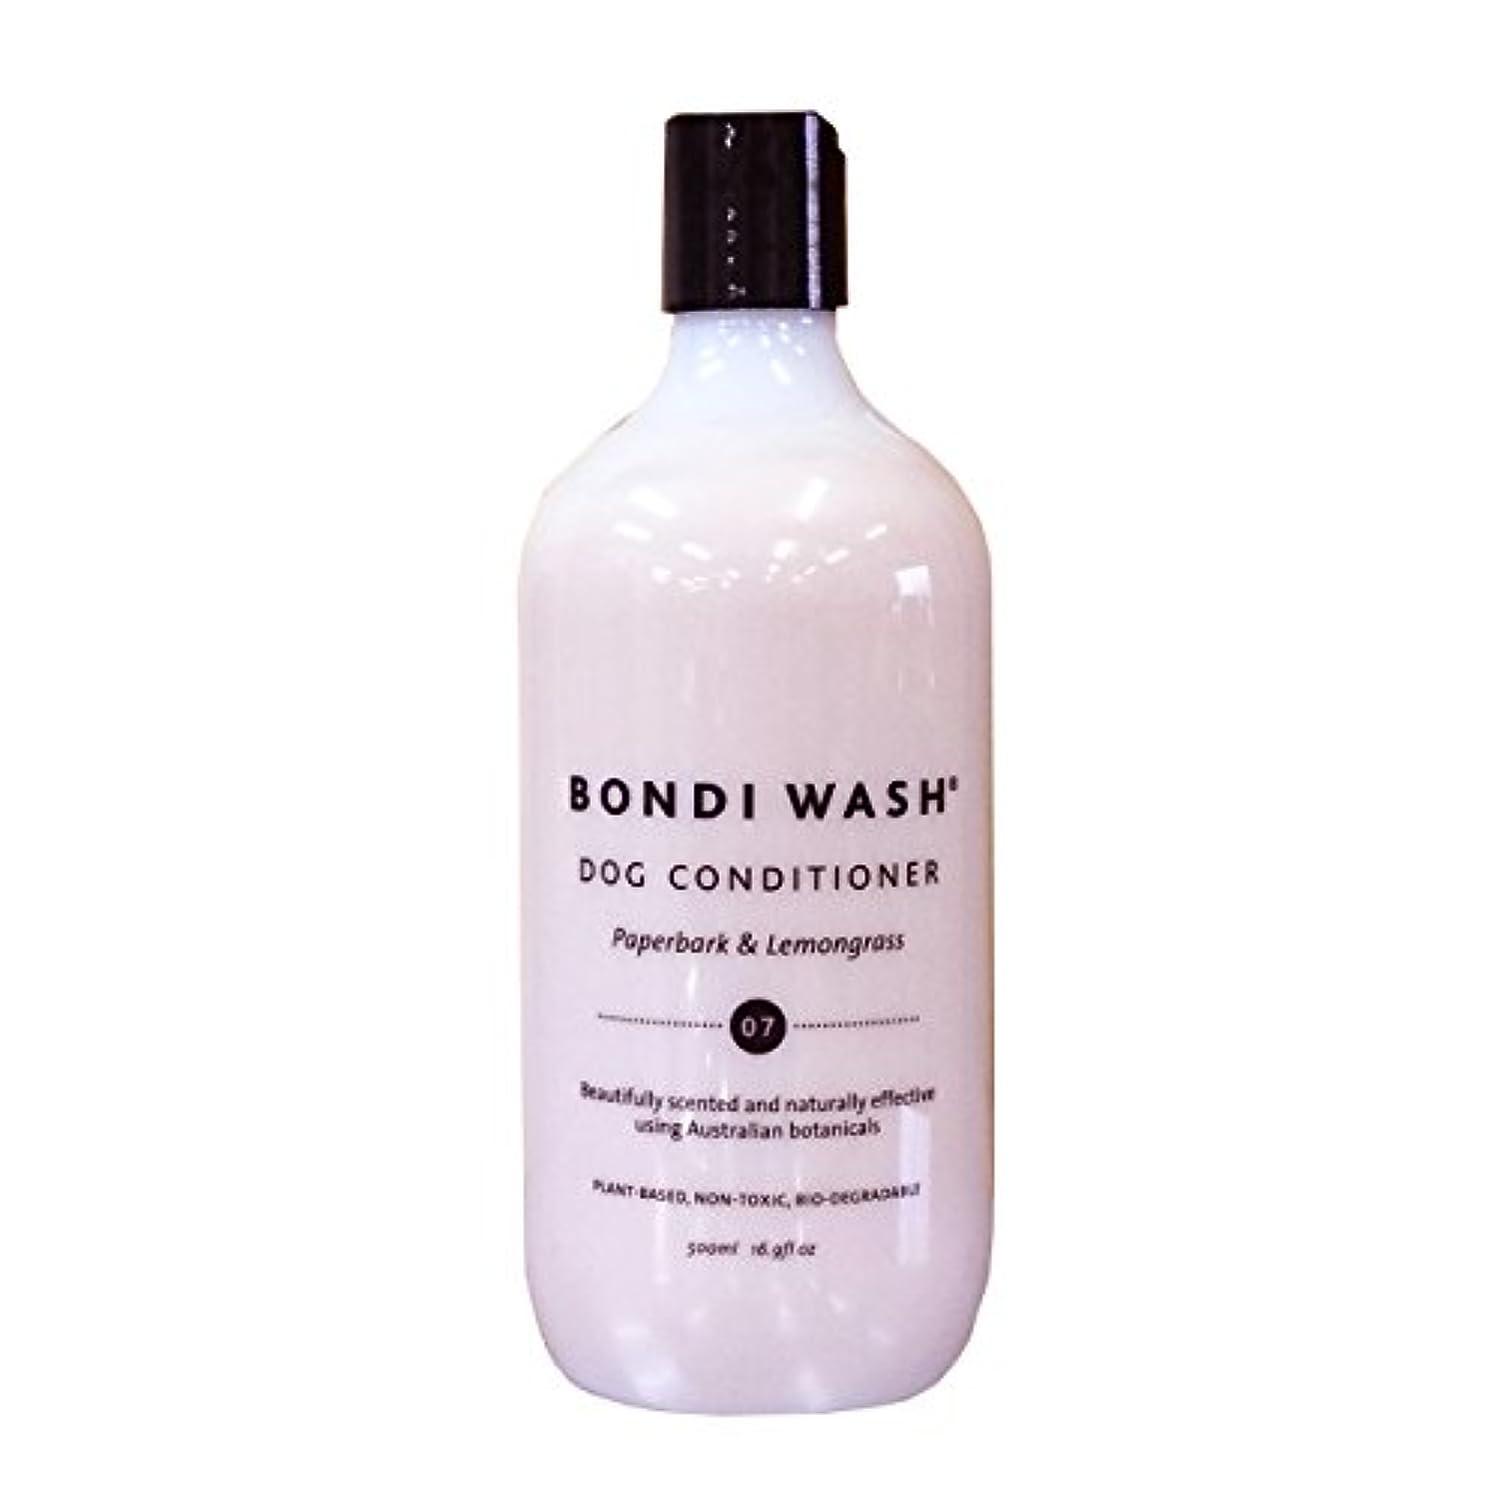 ペリスコープバラバラにする内訳BONDI WASH ドッグコンディショナー ペイパーバーク&レモングラス (250ml)